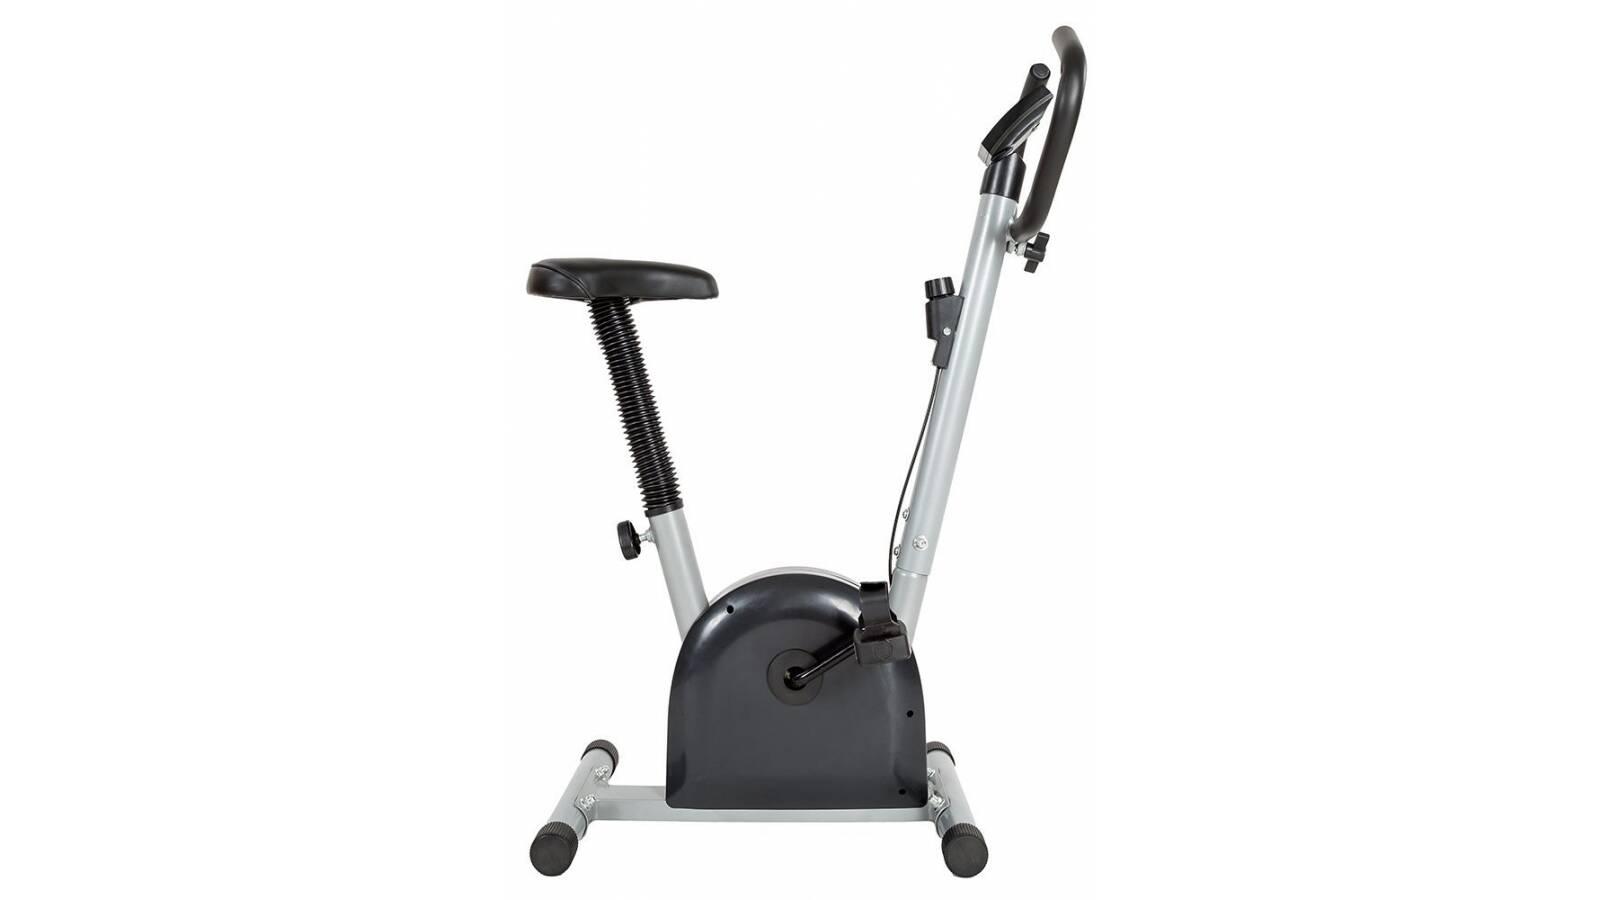 Bicicleta Fija Ergometrica Fitness monitor - Negra